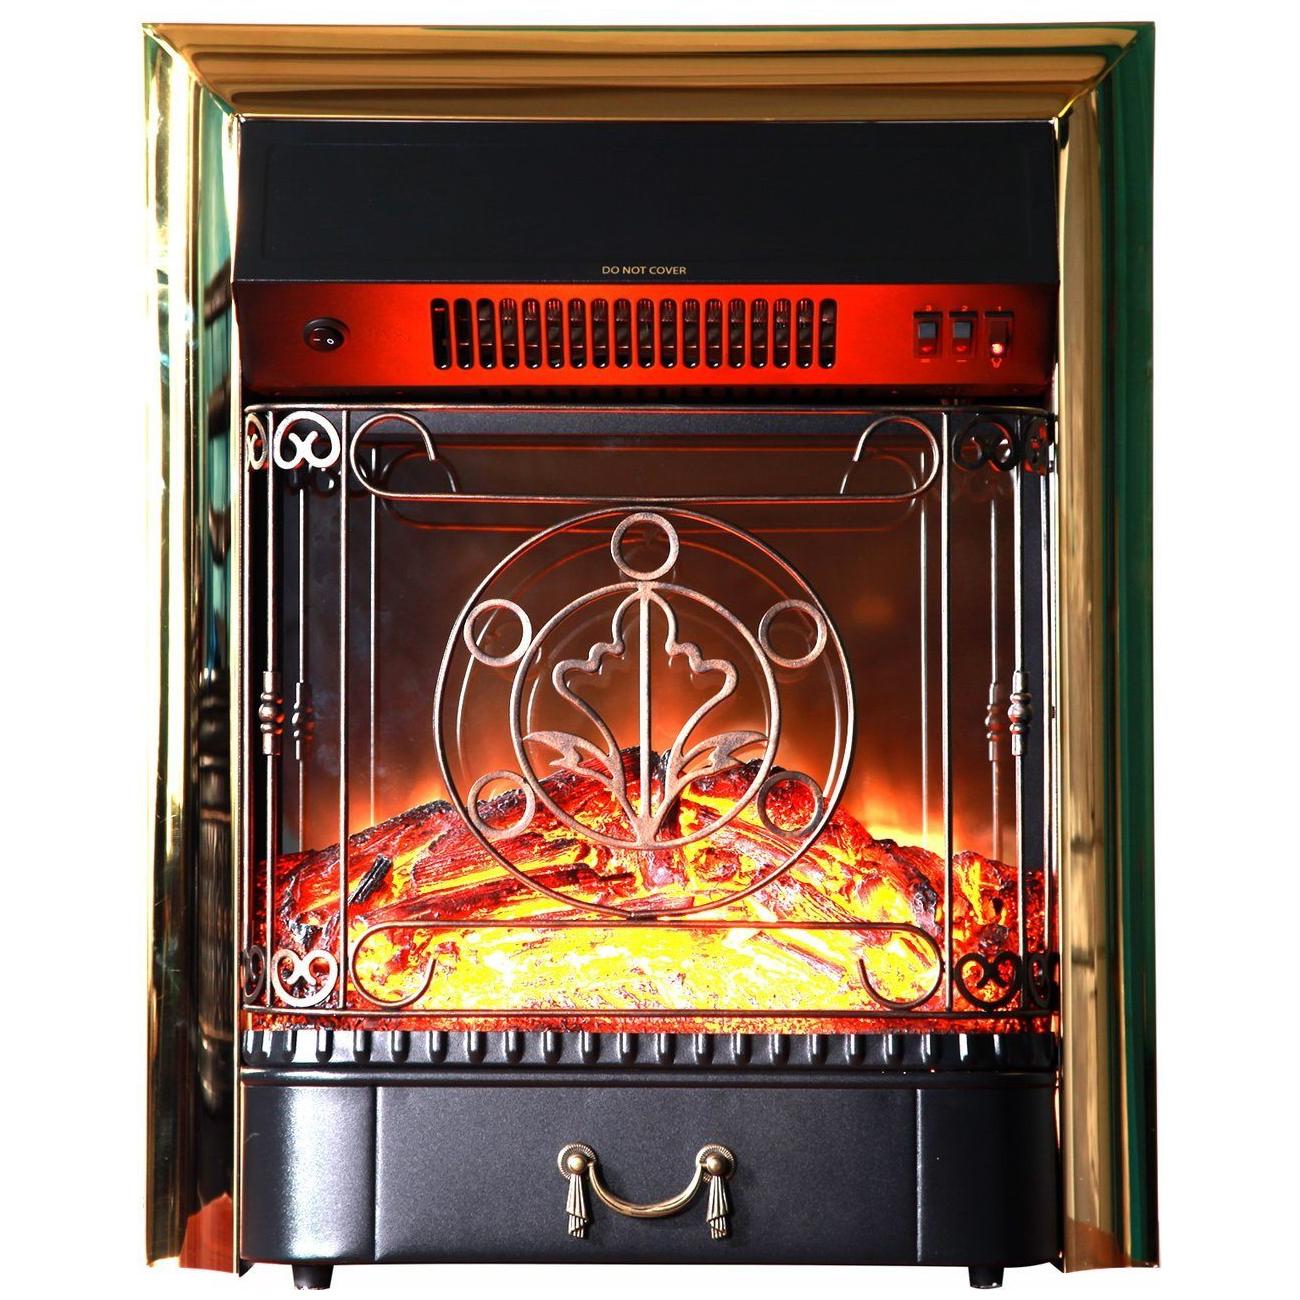 Электрический камин Interflame Majestic BLT-999-A3